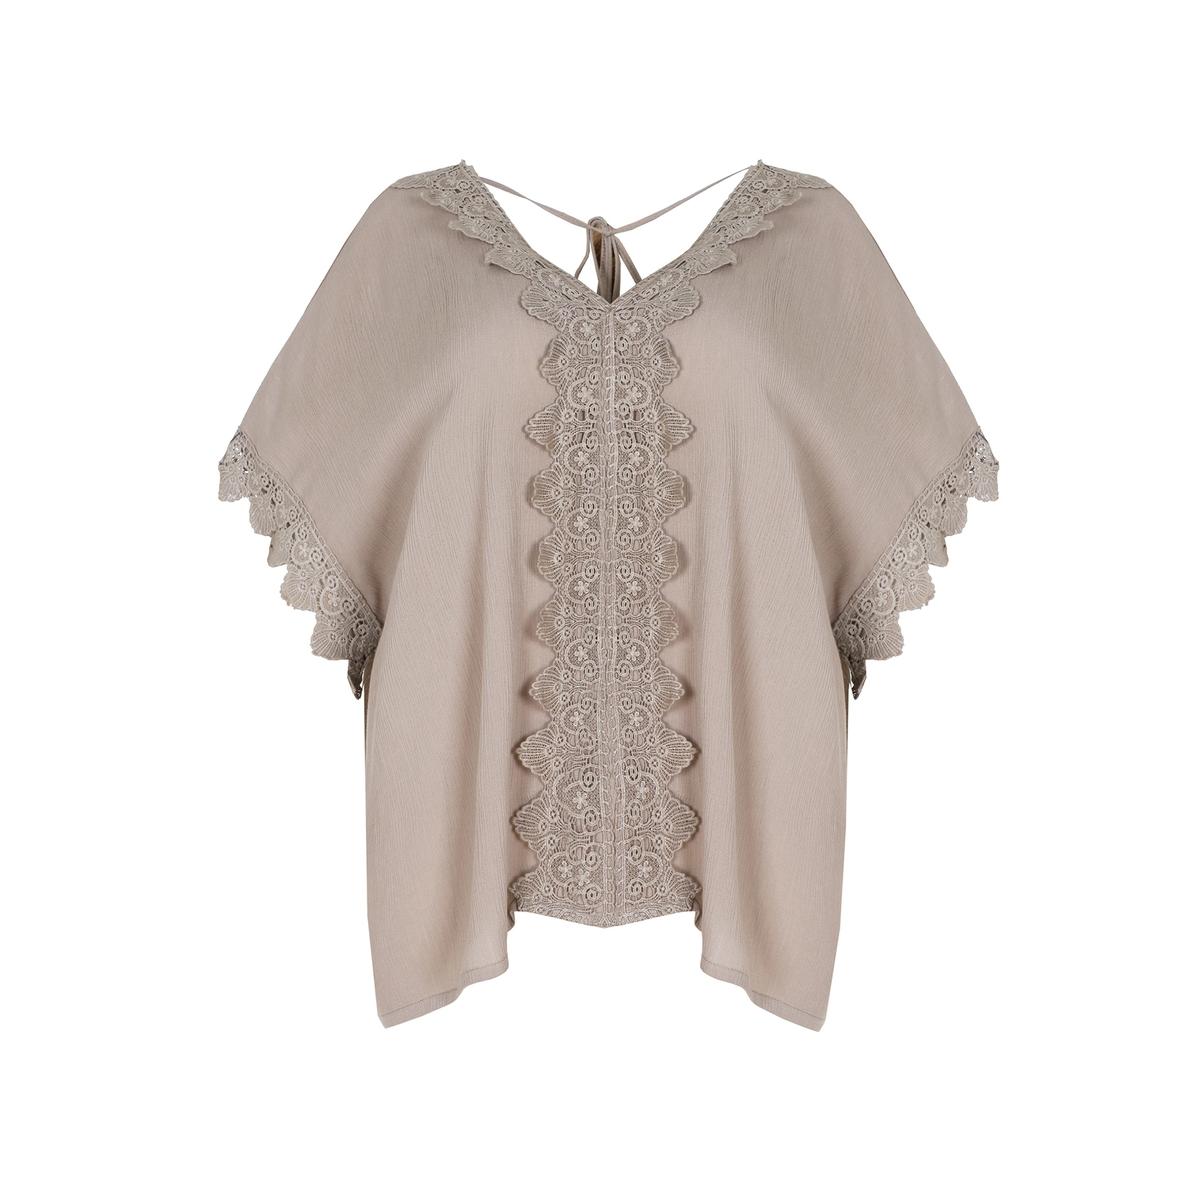 БлузкаБлузка с рукавами из струящейся ткани MAT FASHION. Струящаяся, мягкая ткань.  V-образный вырез и рукава с украшением кружевом. Спинка присборена шнурками. 100% Вискоза<br><br>Цвет: бежевый<br>Размер: 50/54